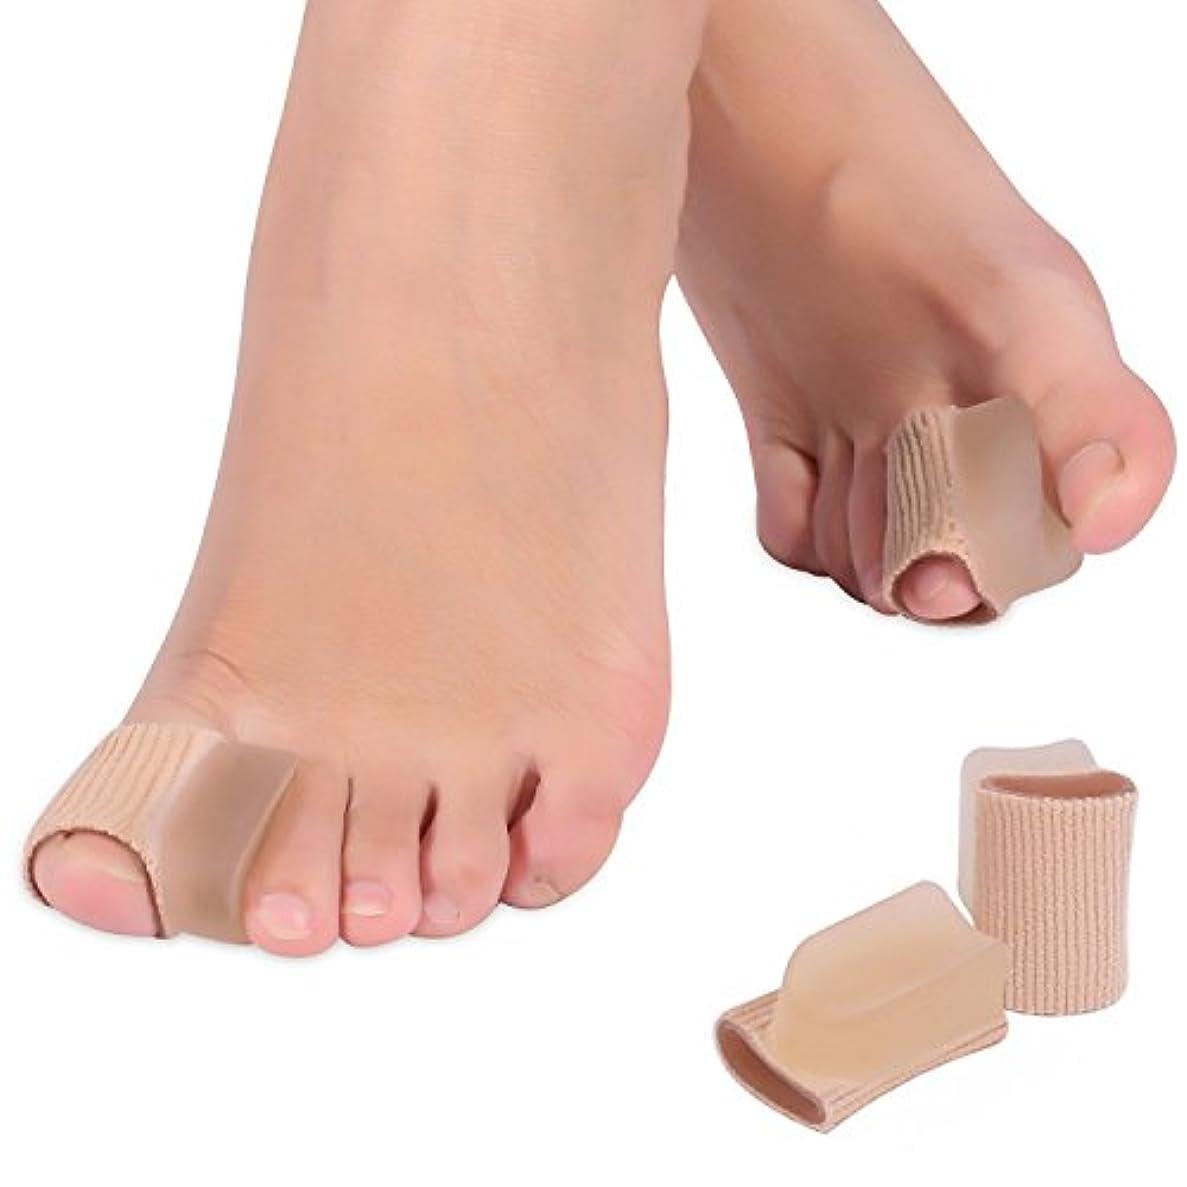 膨張する最終粘土親指ジェルパッド 足指分離パッド 足指スペーサー 足指矯正 ソフトなジェル製 伸縮 柔軟 足指保護 親指ケア 肌色「4個セット」